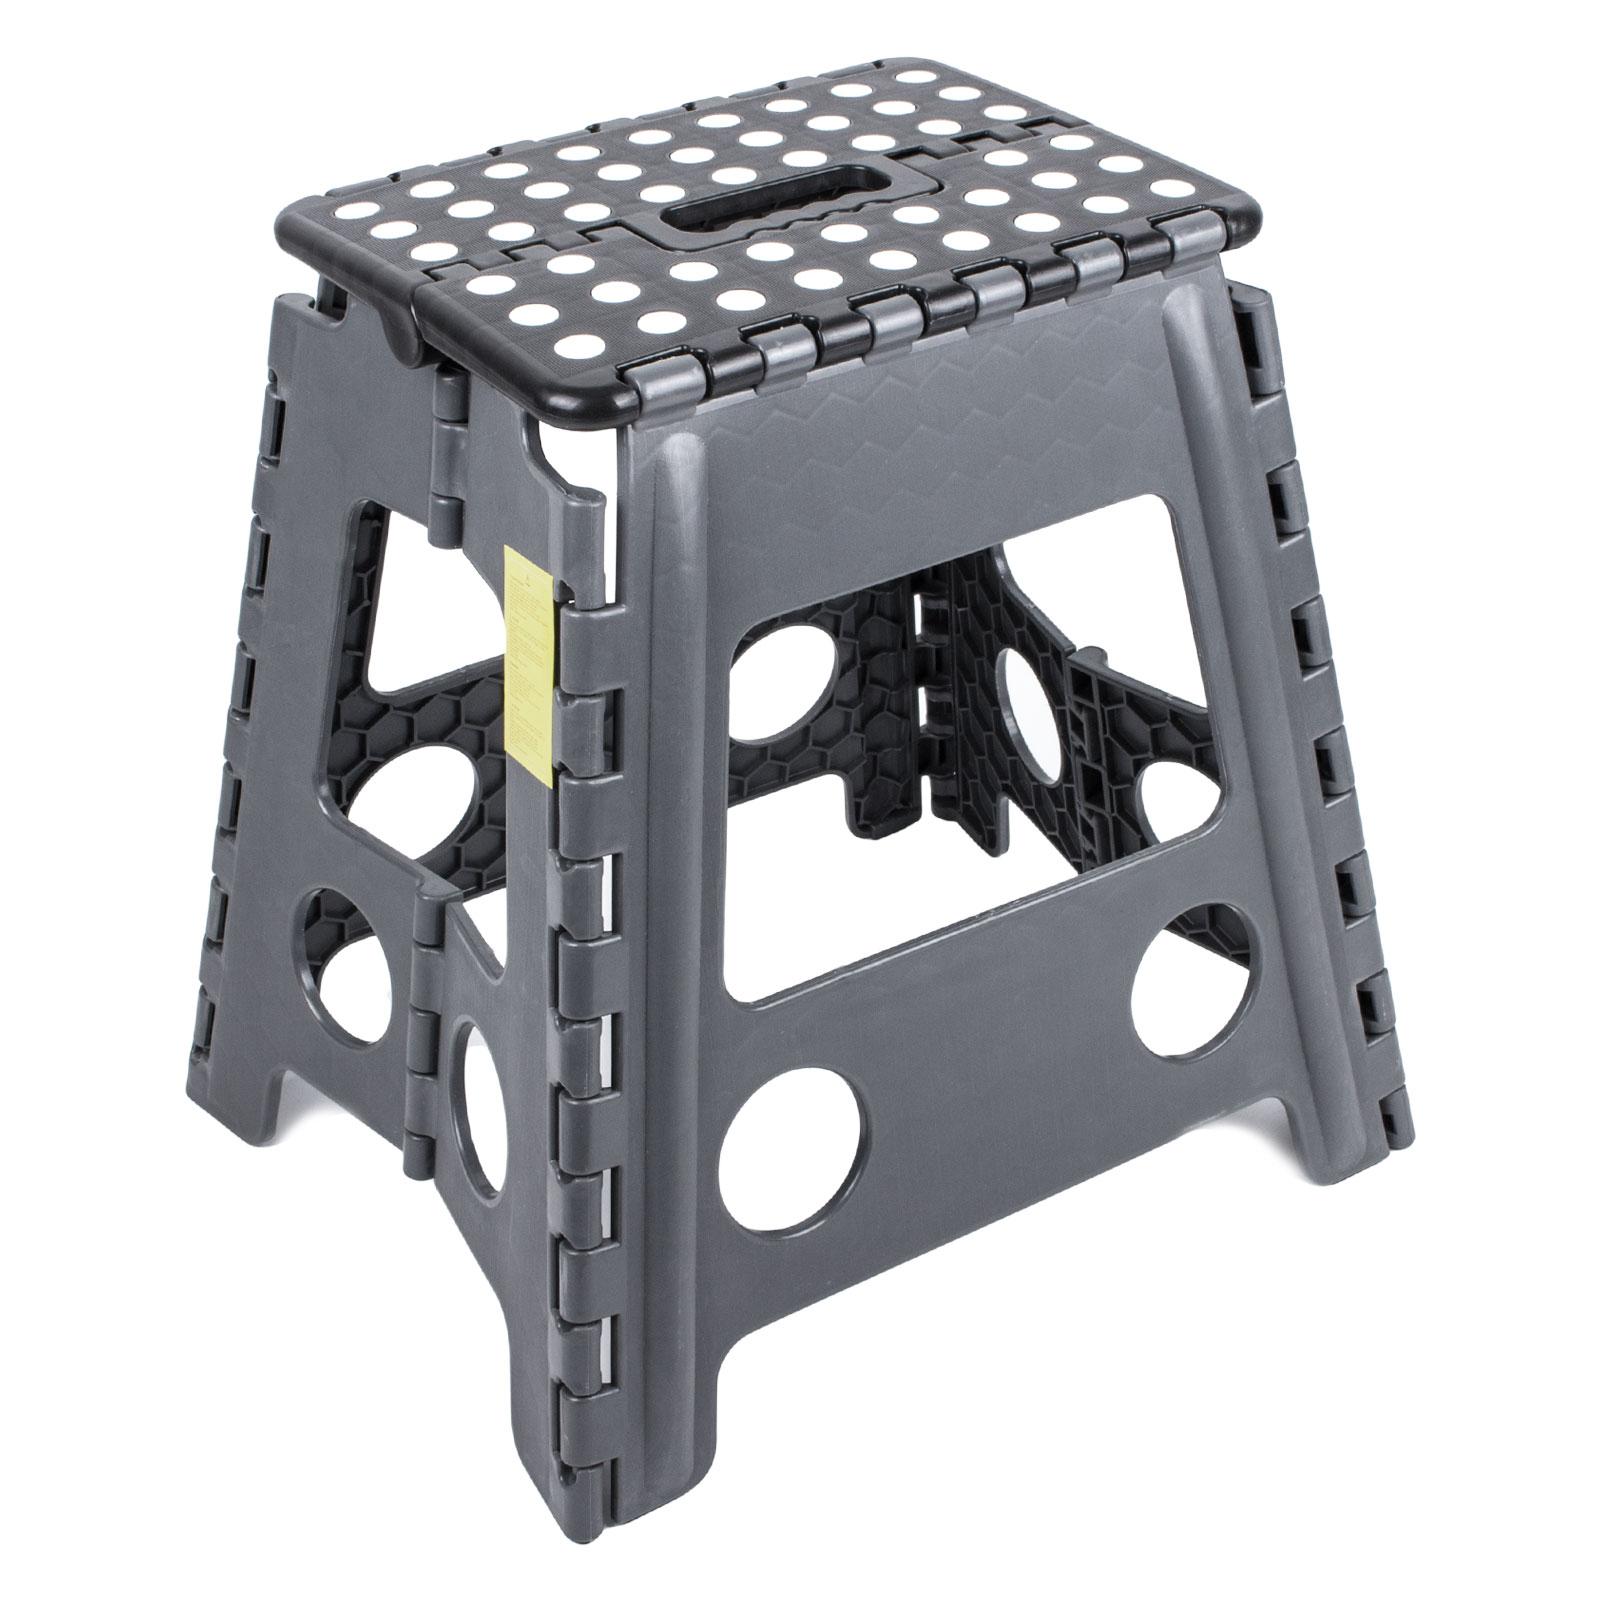 Trittstufe Kunststoff klappbar Anti Rutsch 39 cm Höhe 120 Kg belastbar